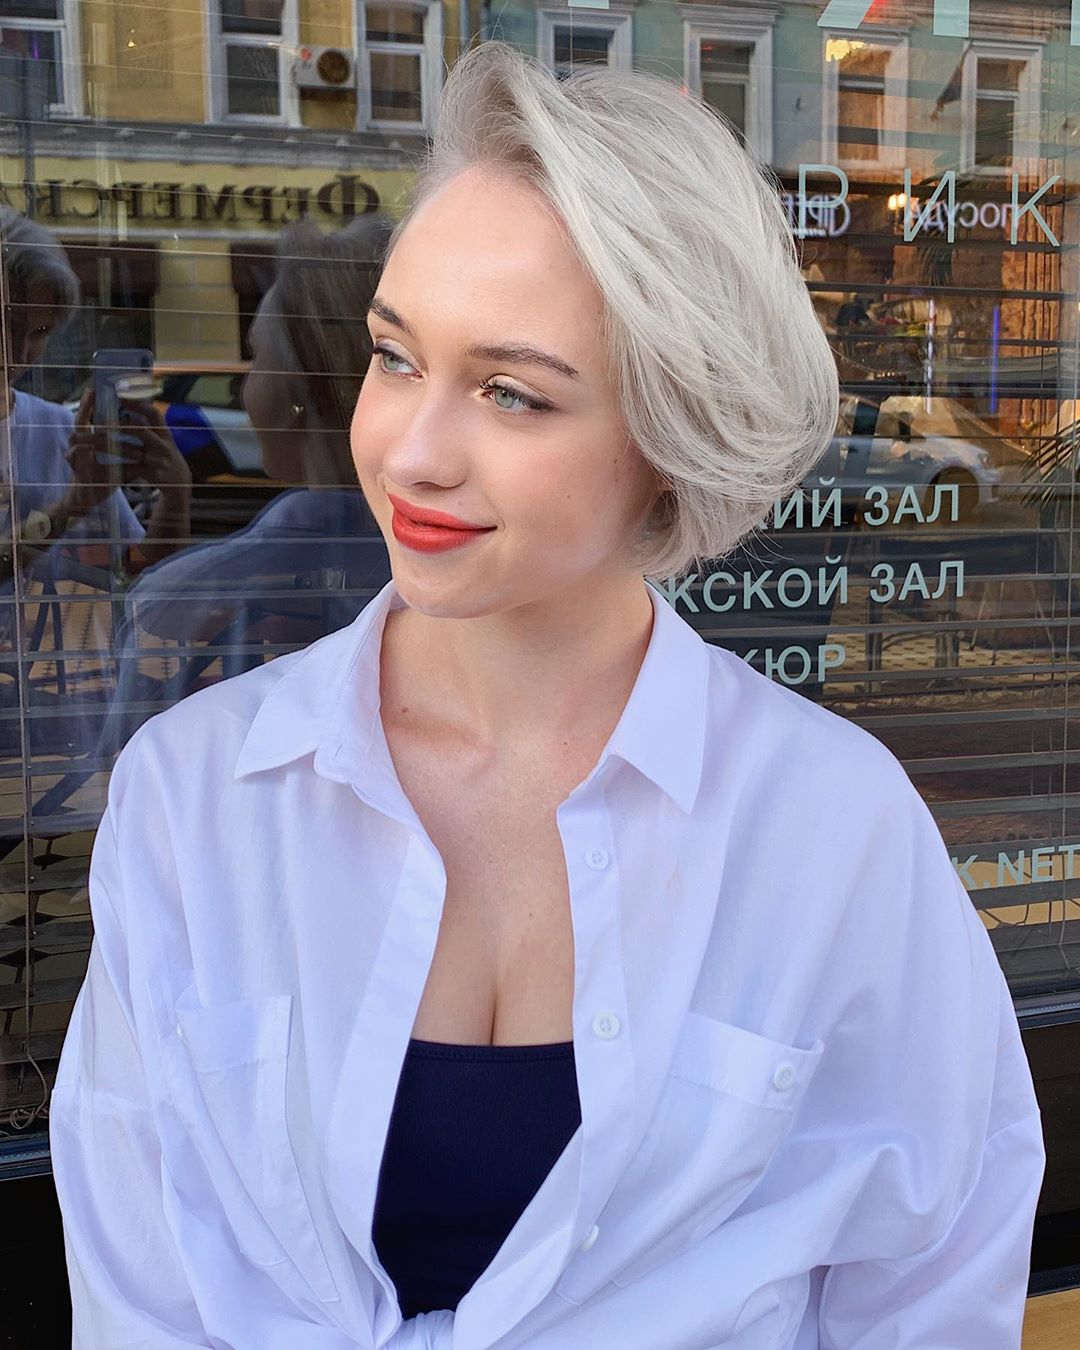 Стрижки на светлые волосы 2020 фото 25